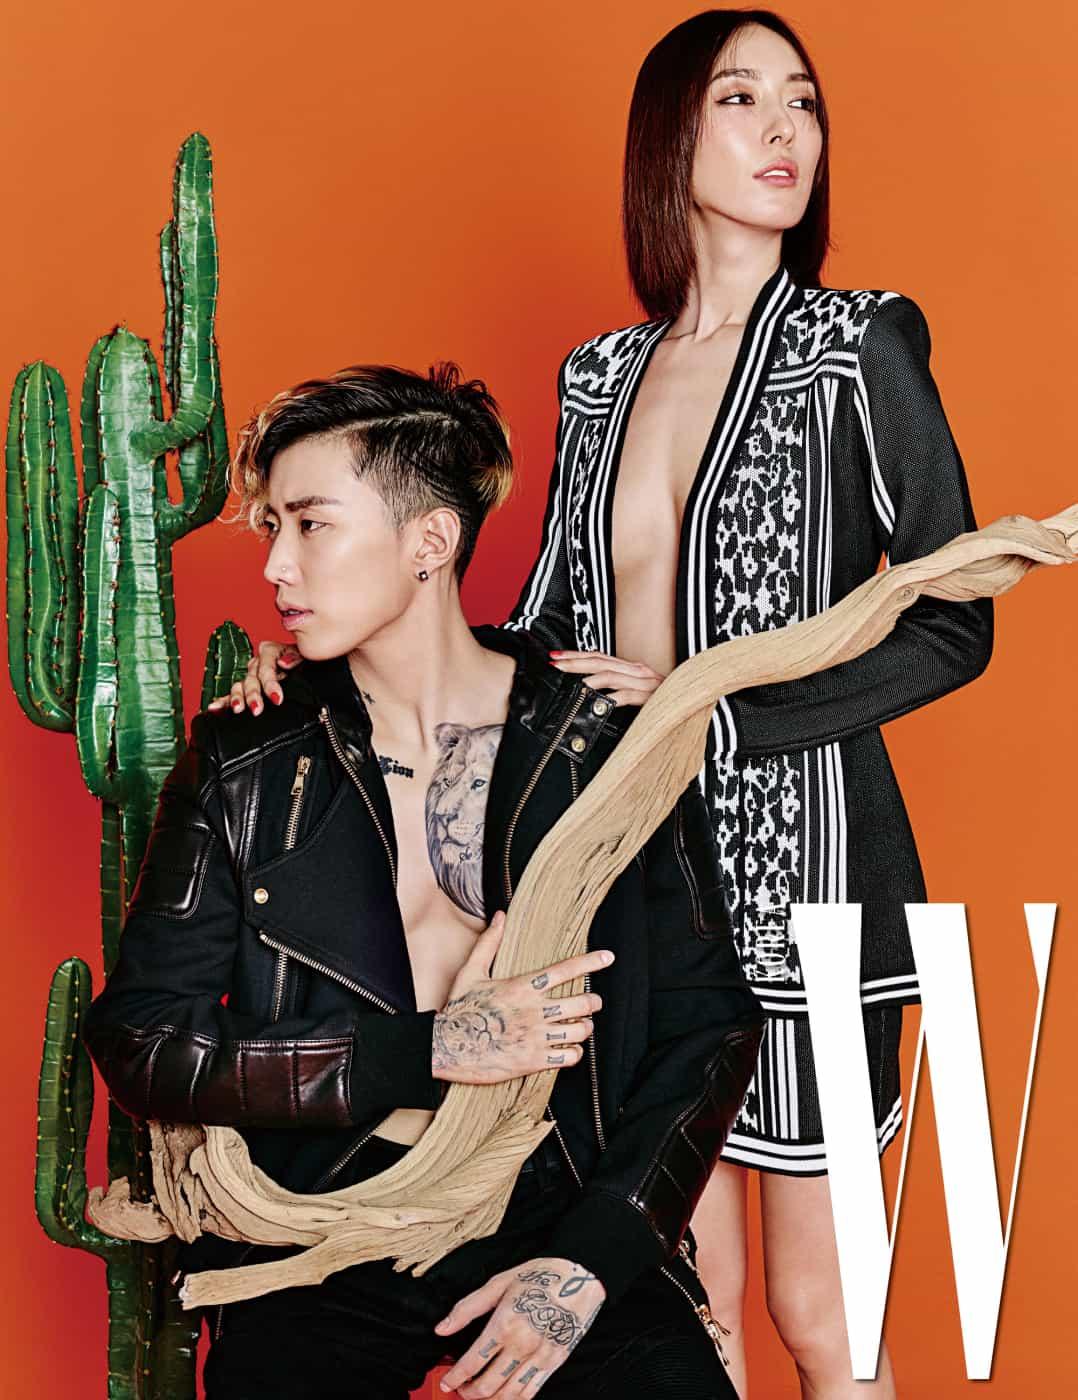 박재범이 착용한 가죽이 믹스된 후드 장식 바이커 재킷과 팬츠, 지현정이 착용한 레오퍼드 패턴 톱과 미니스커트는 모두 Balmain 제품.